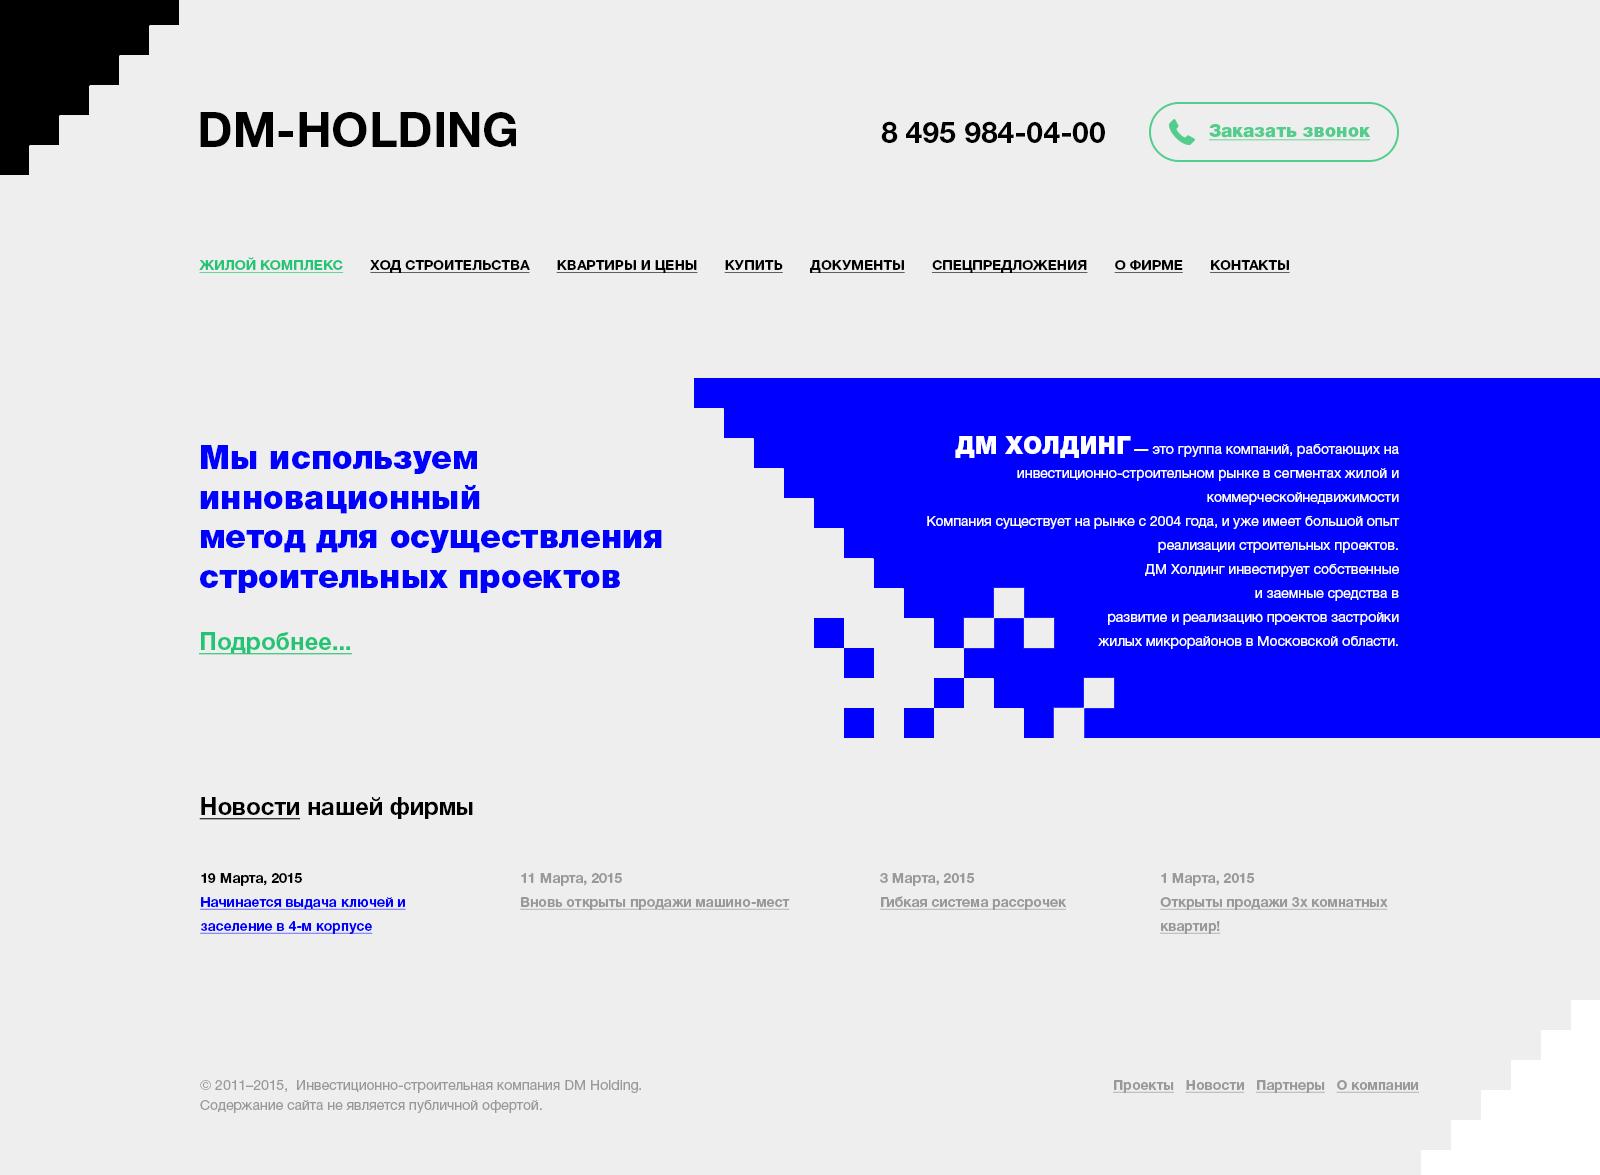 Редизайн сайта компании застройщика фото f_53755114362543d6.png